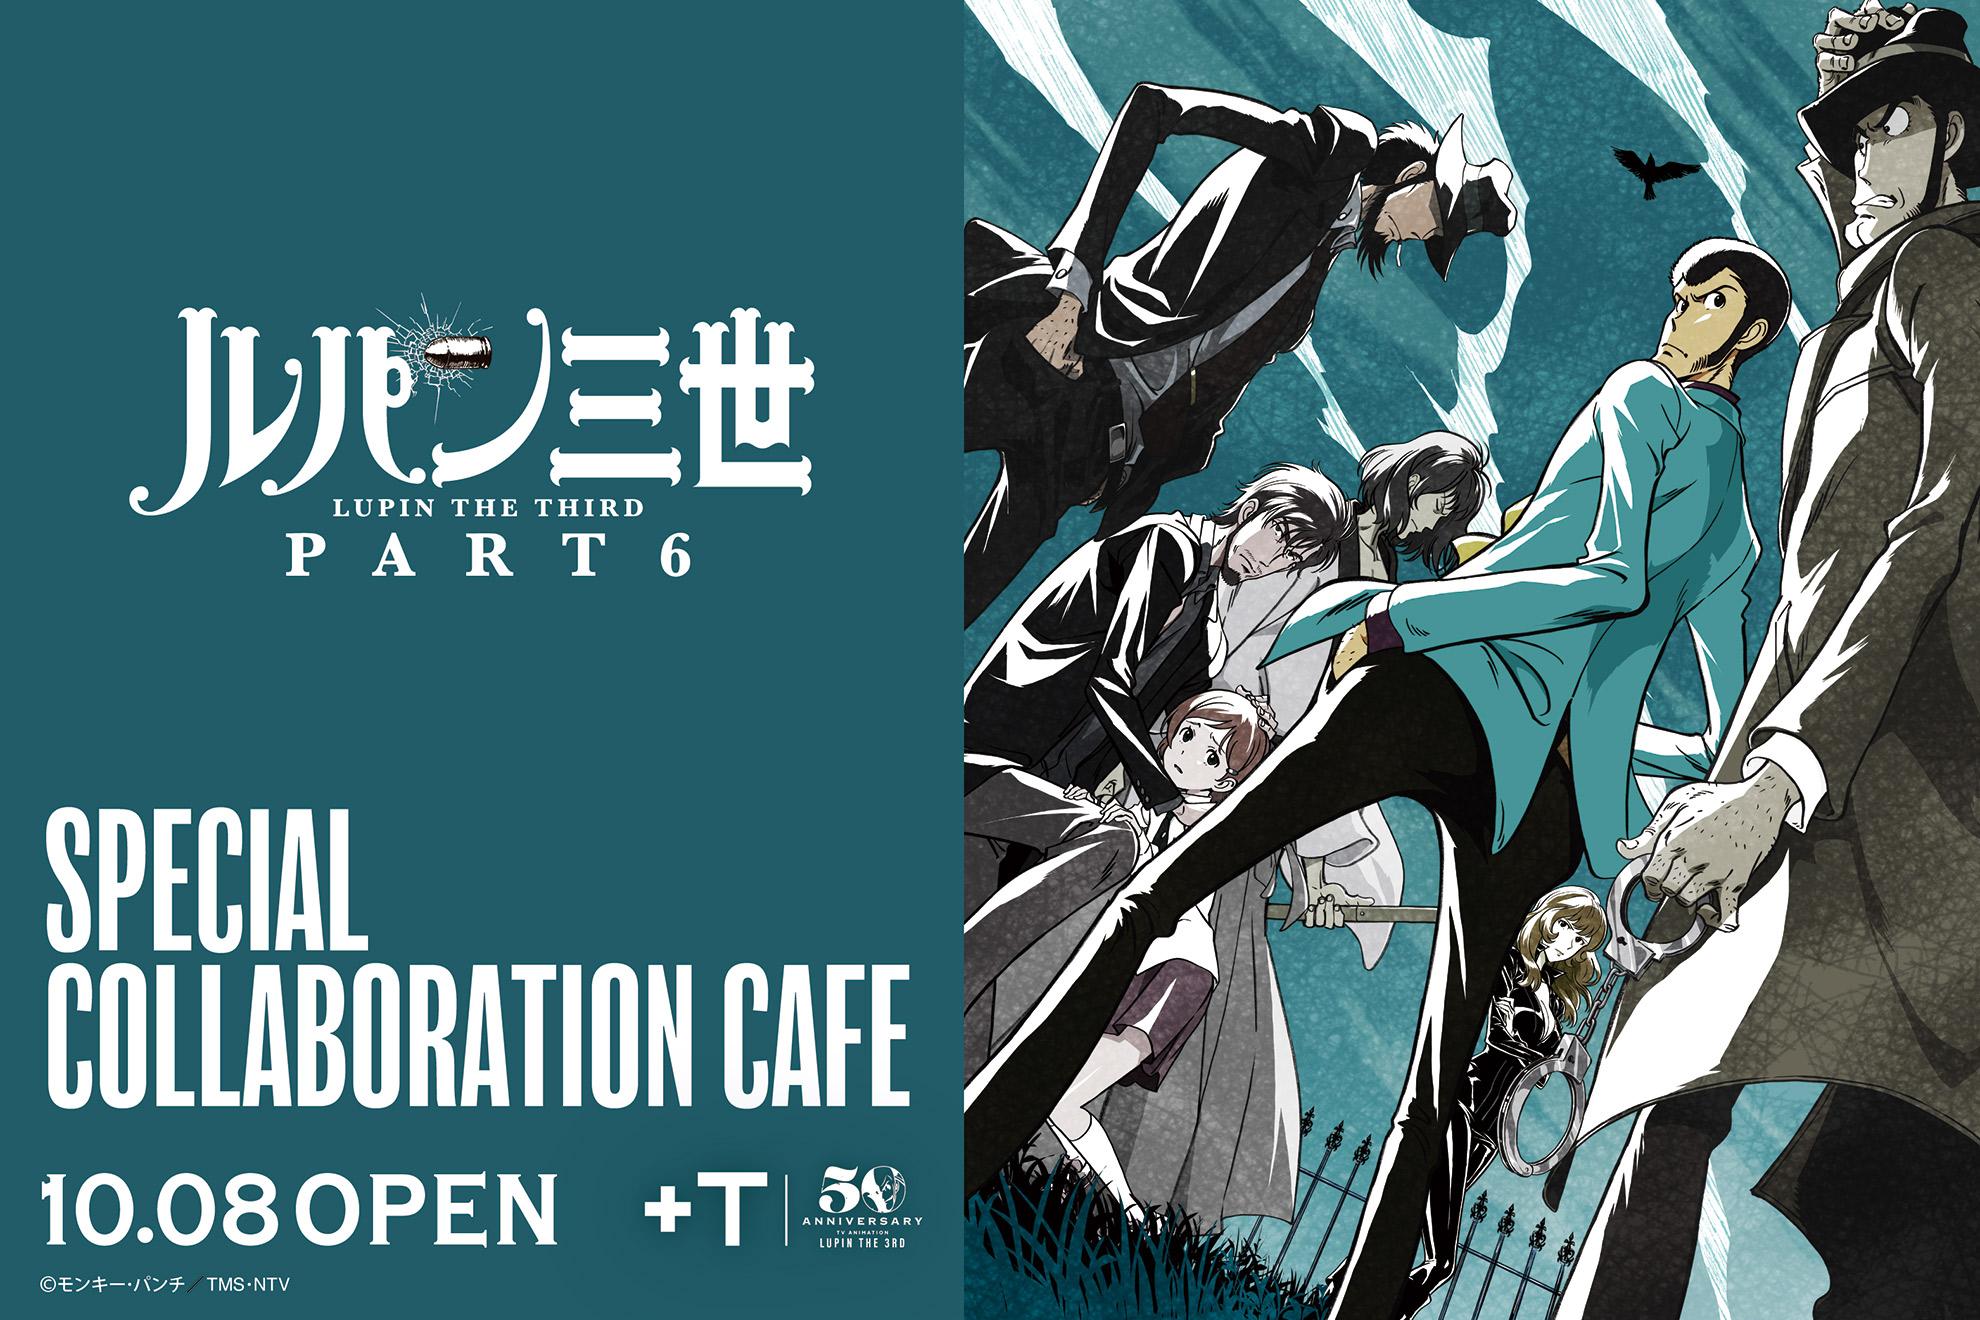 『ルパン三世 PART6』放送記念として、期間限定でスペシャルコラボレーションカフェがOPEN!銀座を舞台に、ルパン三世が「PLUSTOKYO」をジャック!@PLUSTOKYO 12F